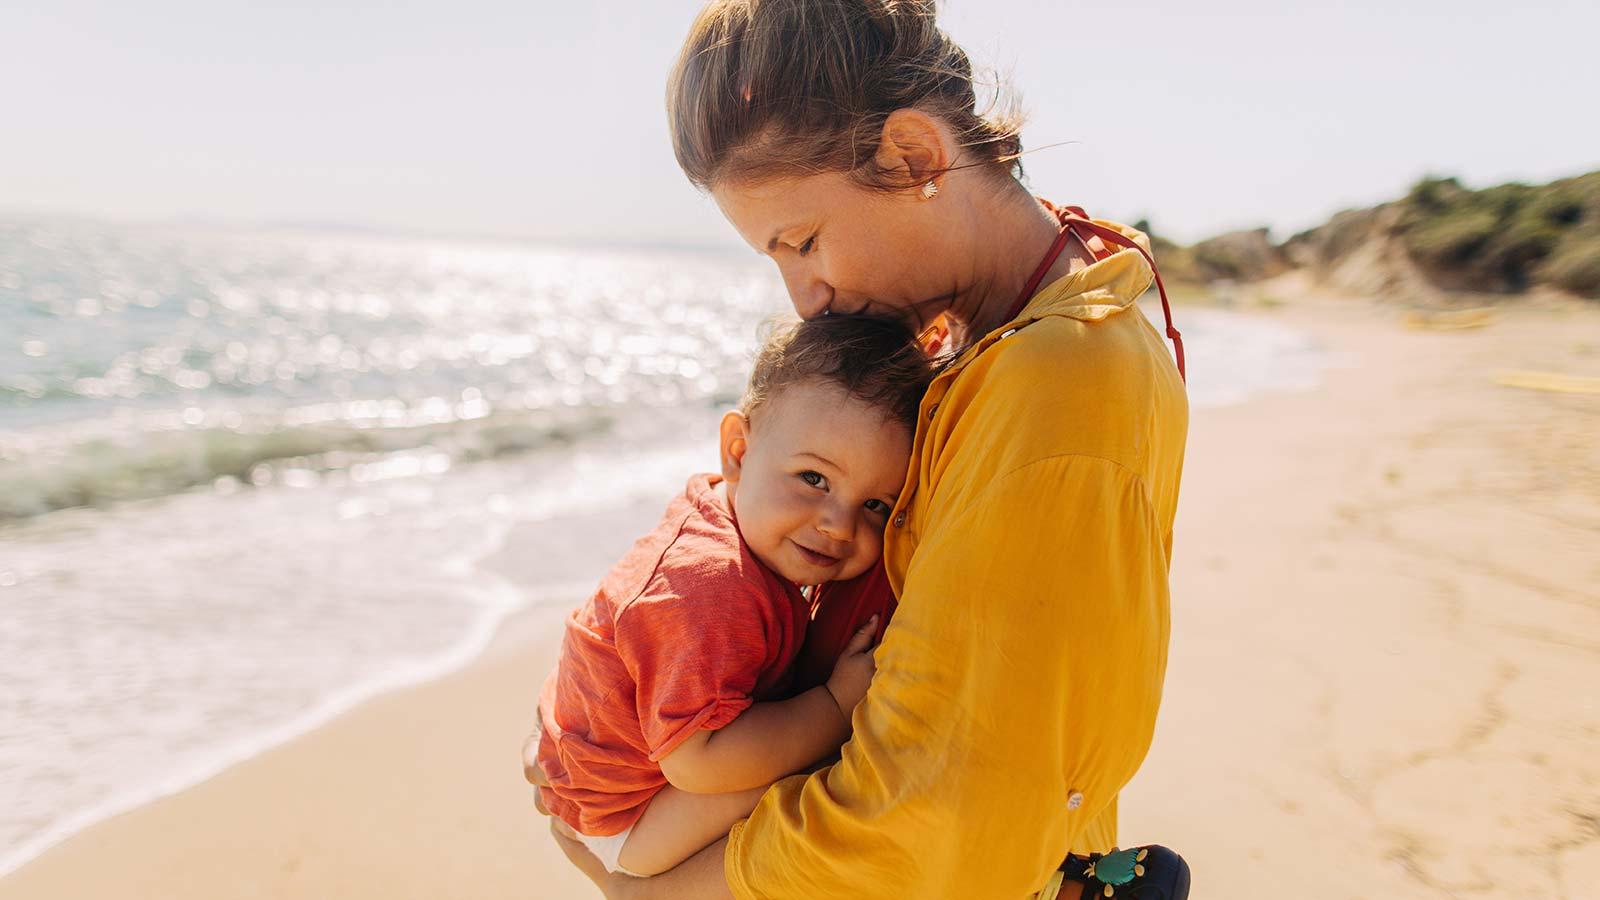 Numerosos de bebés sanos se conciben con la ayuda de esperma de donante en todo el mundo